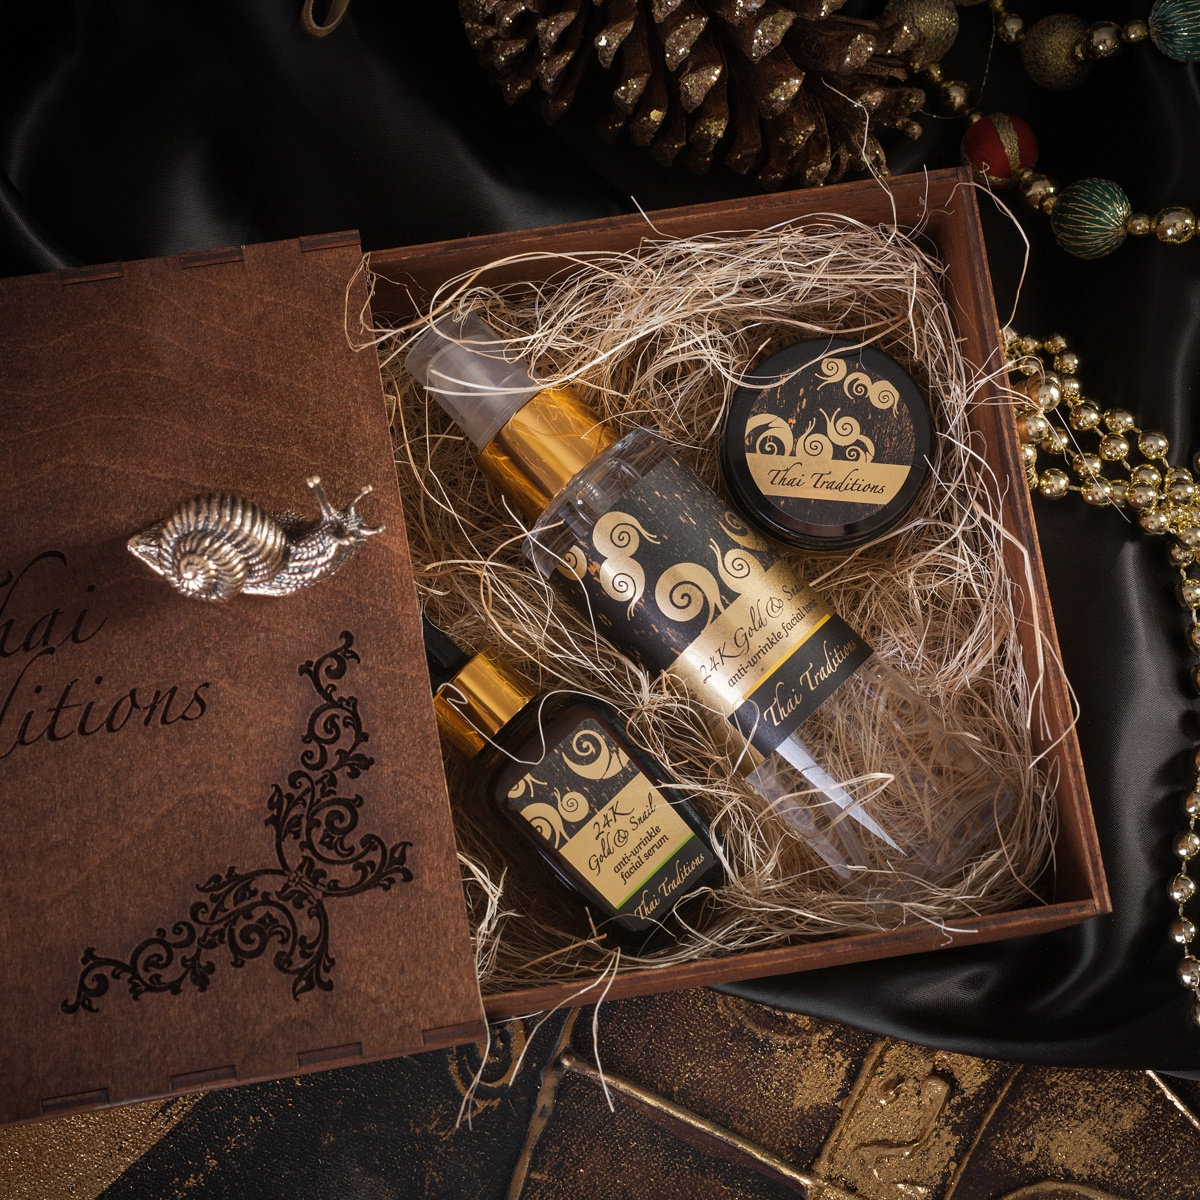 """Подарочный набор для лица Thai Traditions """"Золотая Улитка"""" 40+, Тоник-спрей для лица, 100 мл + Крем-лифтинг для век, 20 мл + Сыворотка от морщин для лица, 30 мл"""